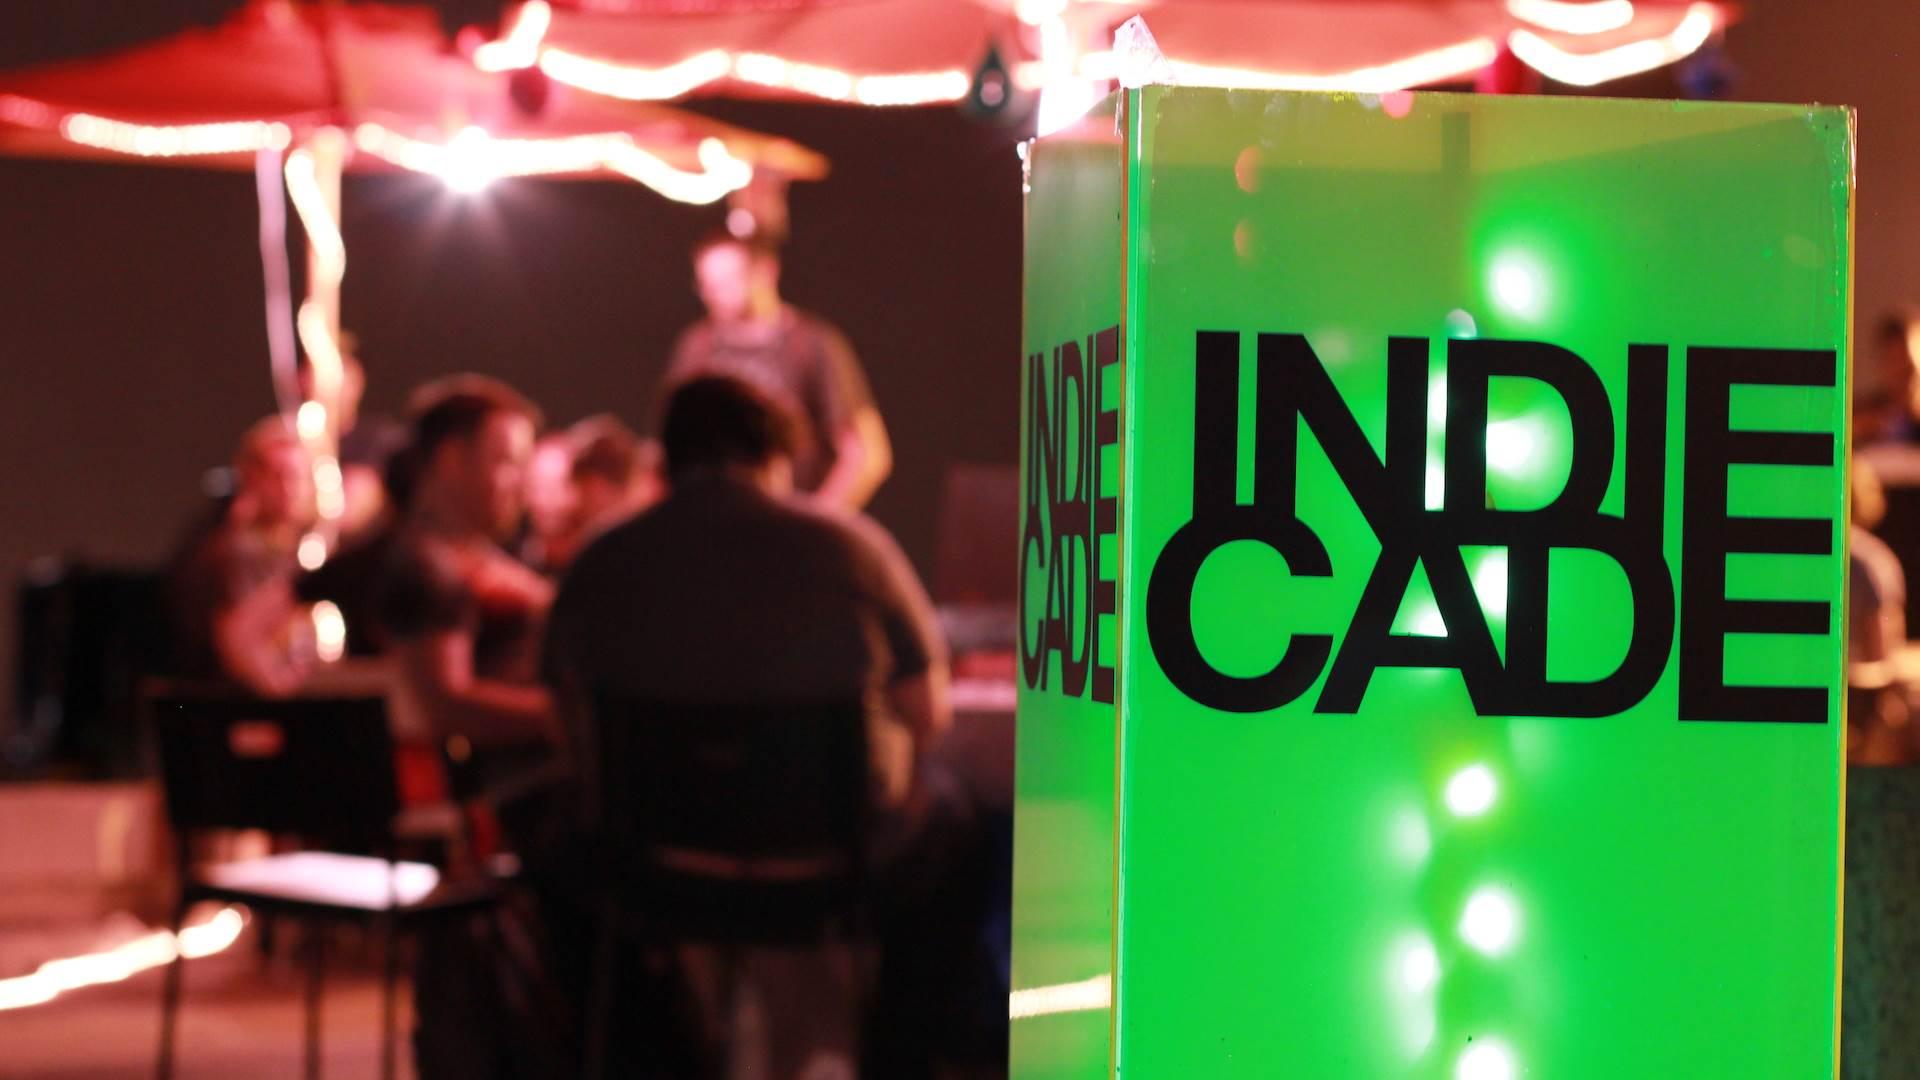 لاینآپ بازیهای حاضر در نمایشگاه IndieCade 2019 مشخص شد